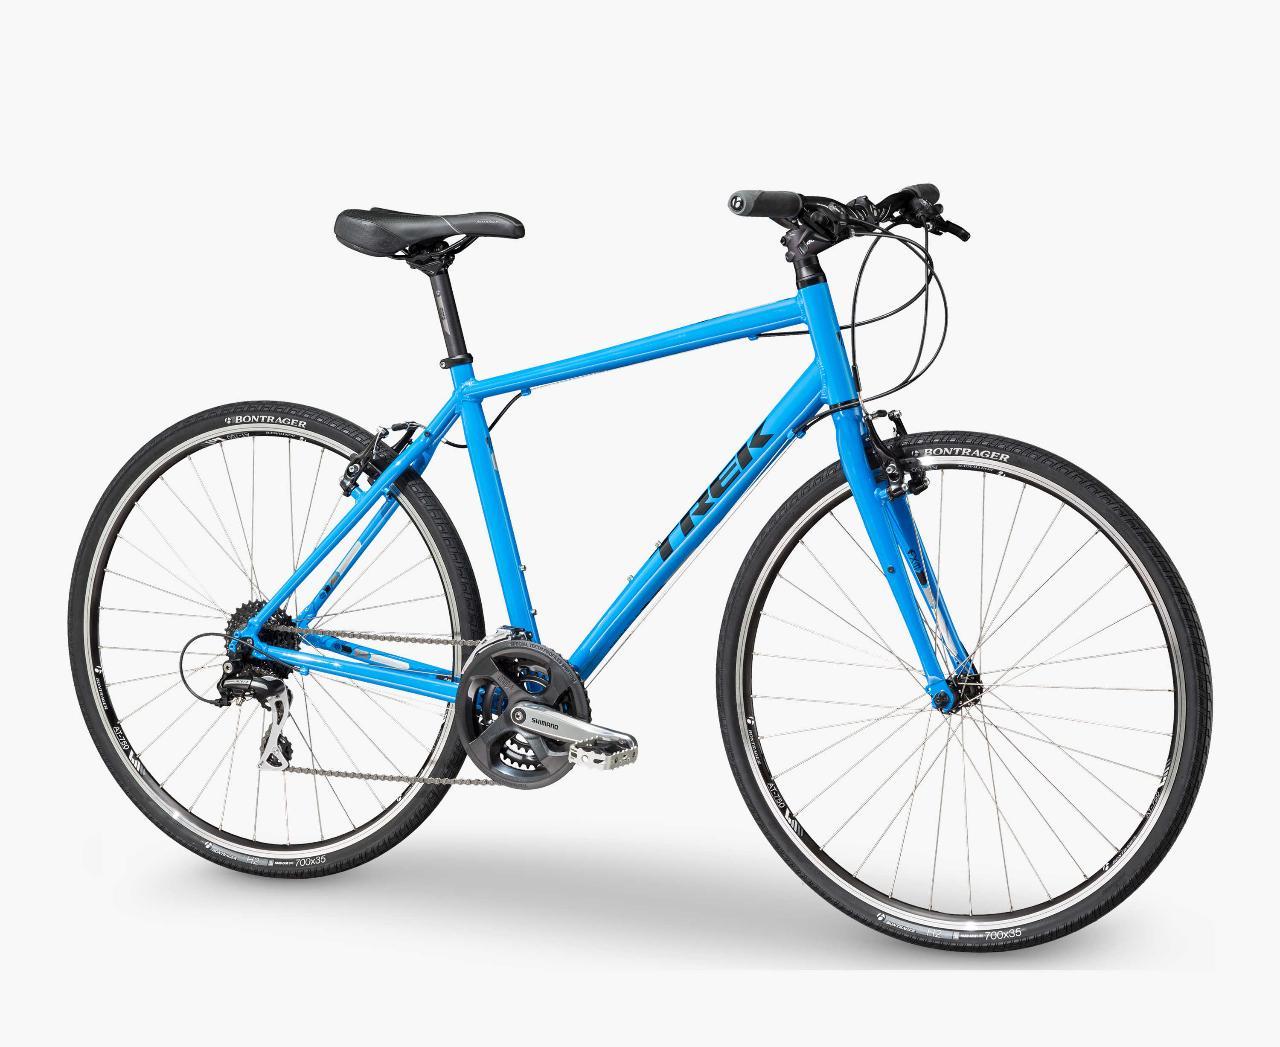 Bike Hire - Trek FX 7.2 24 Gear hybird